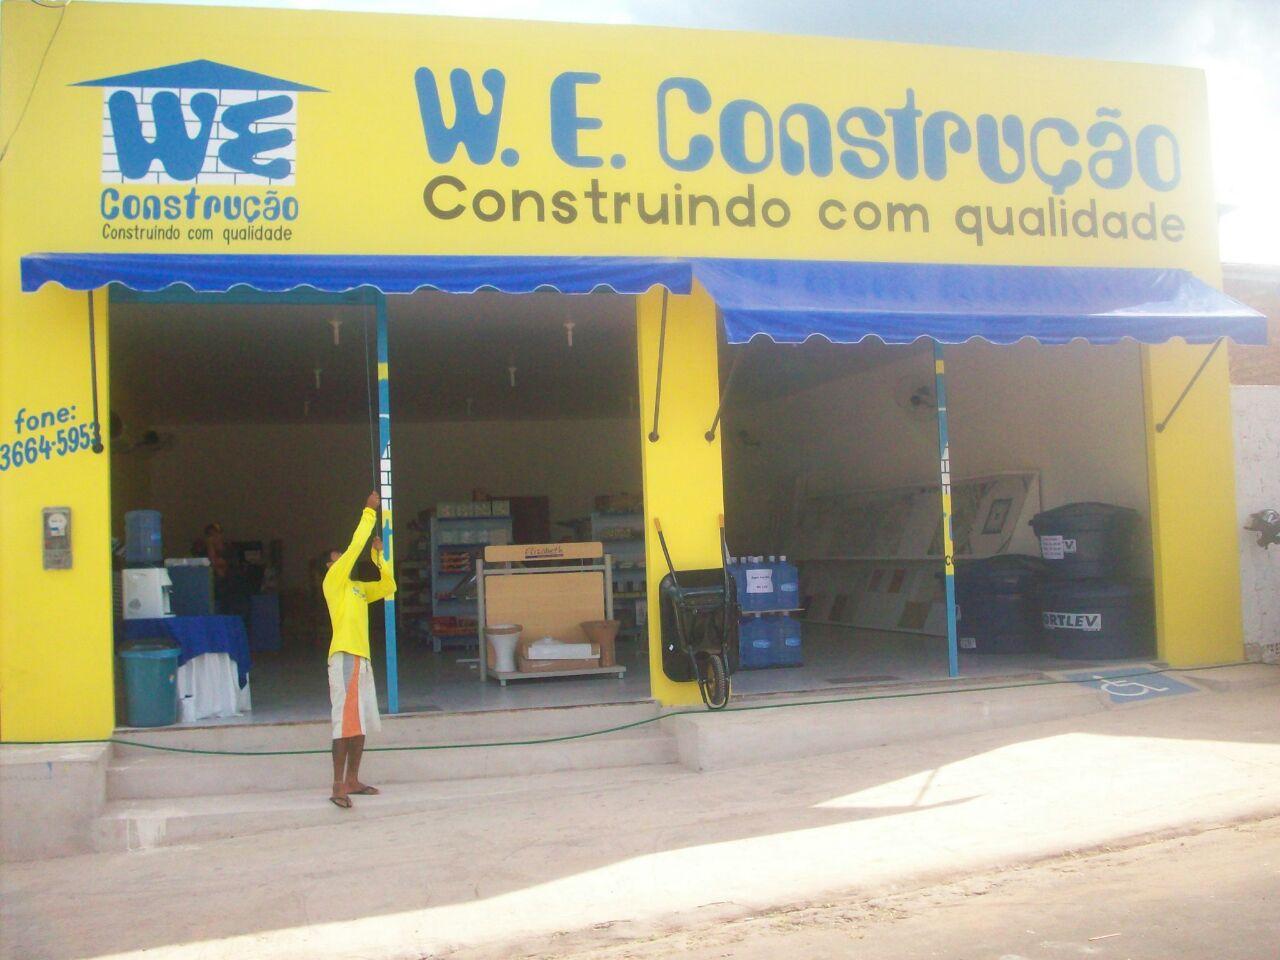 W.E CONSTRUÇÕES